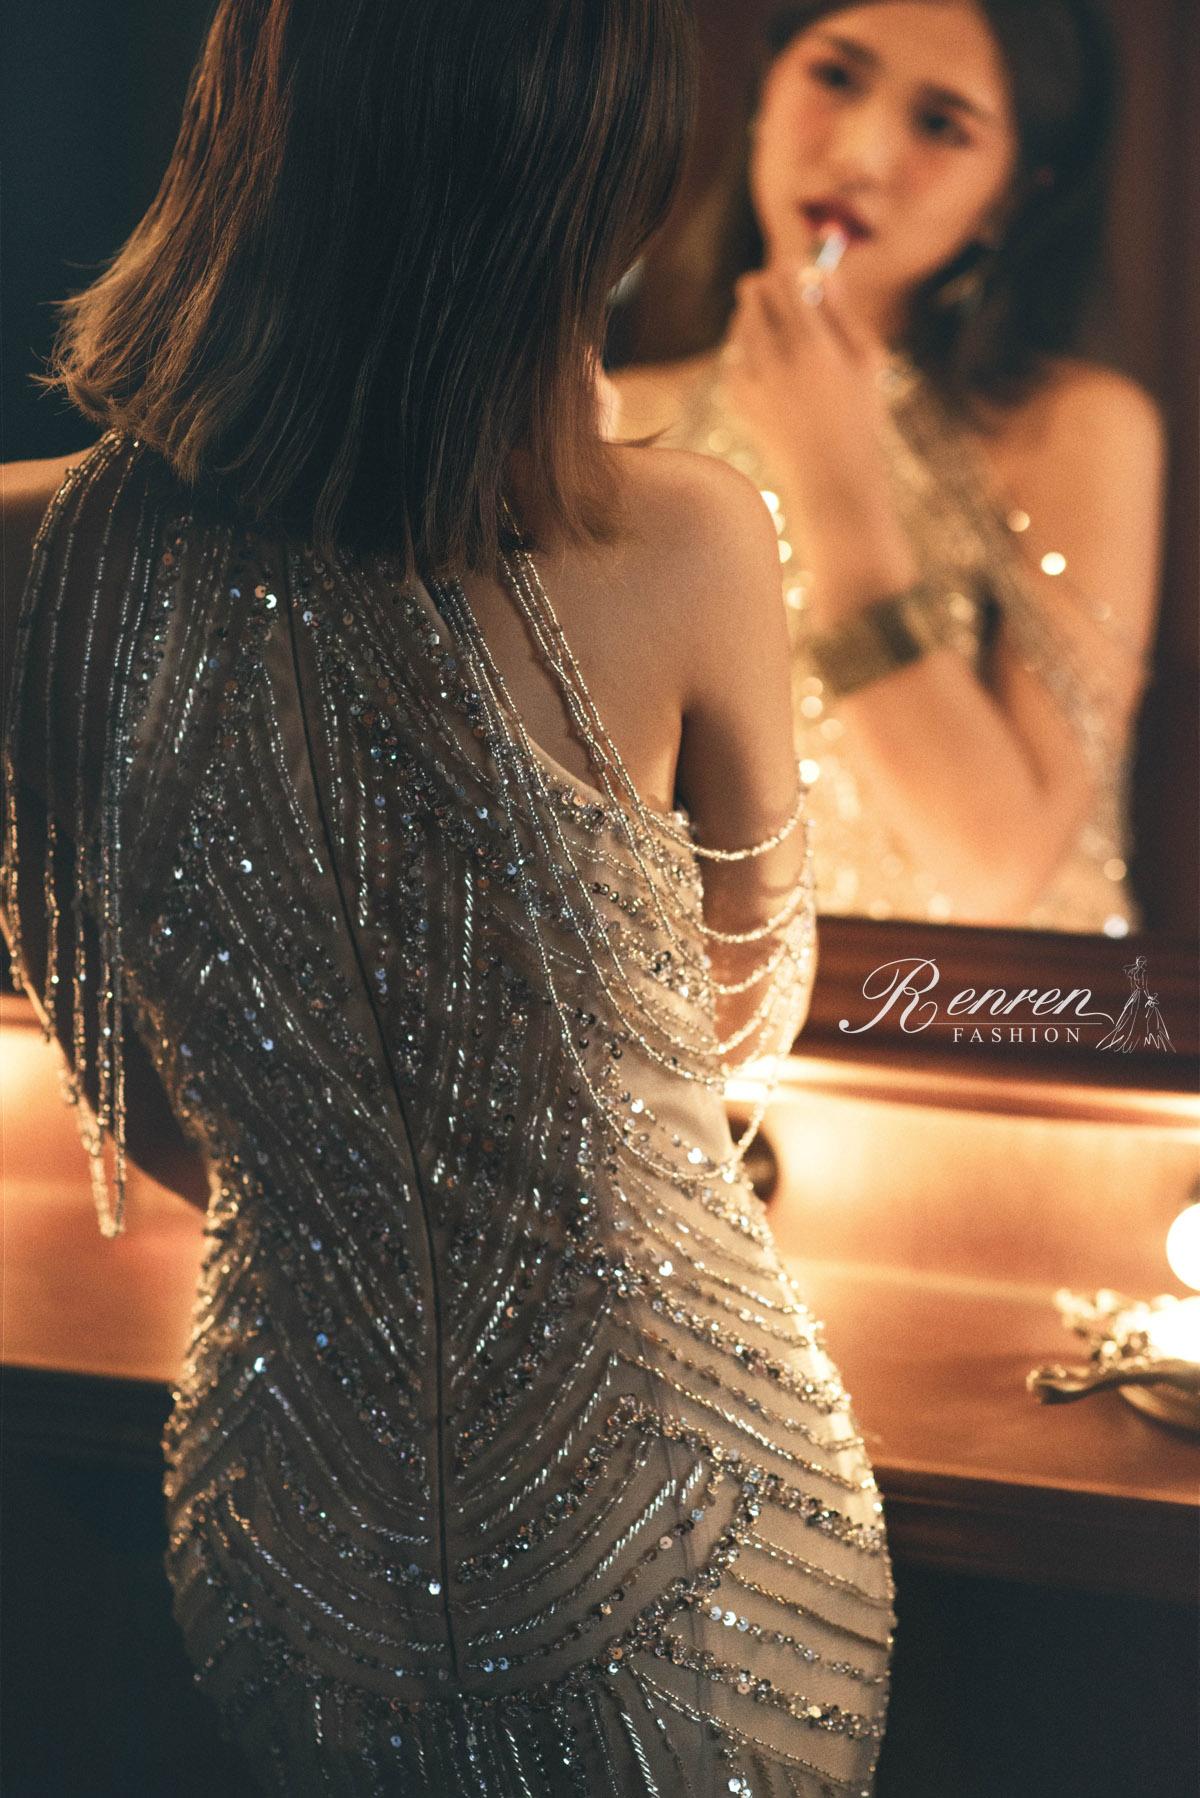 台中婚紗拍攝推薦-冉冉-禮服-婚紗工作室